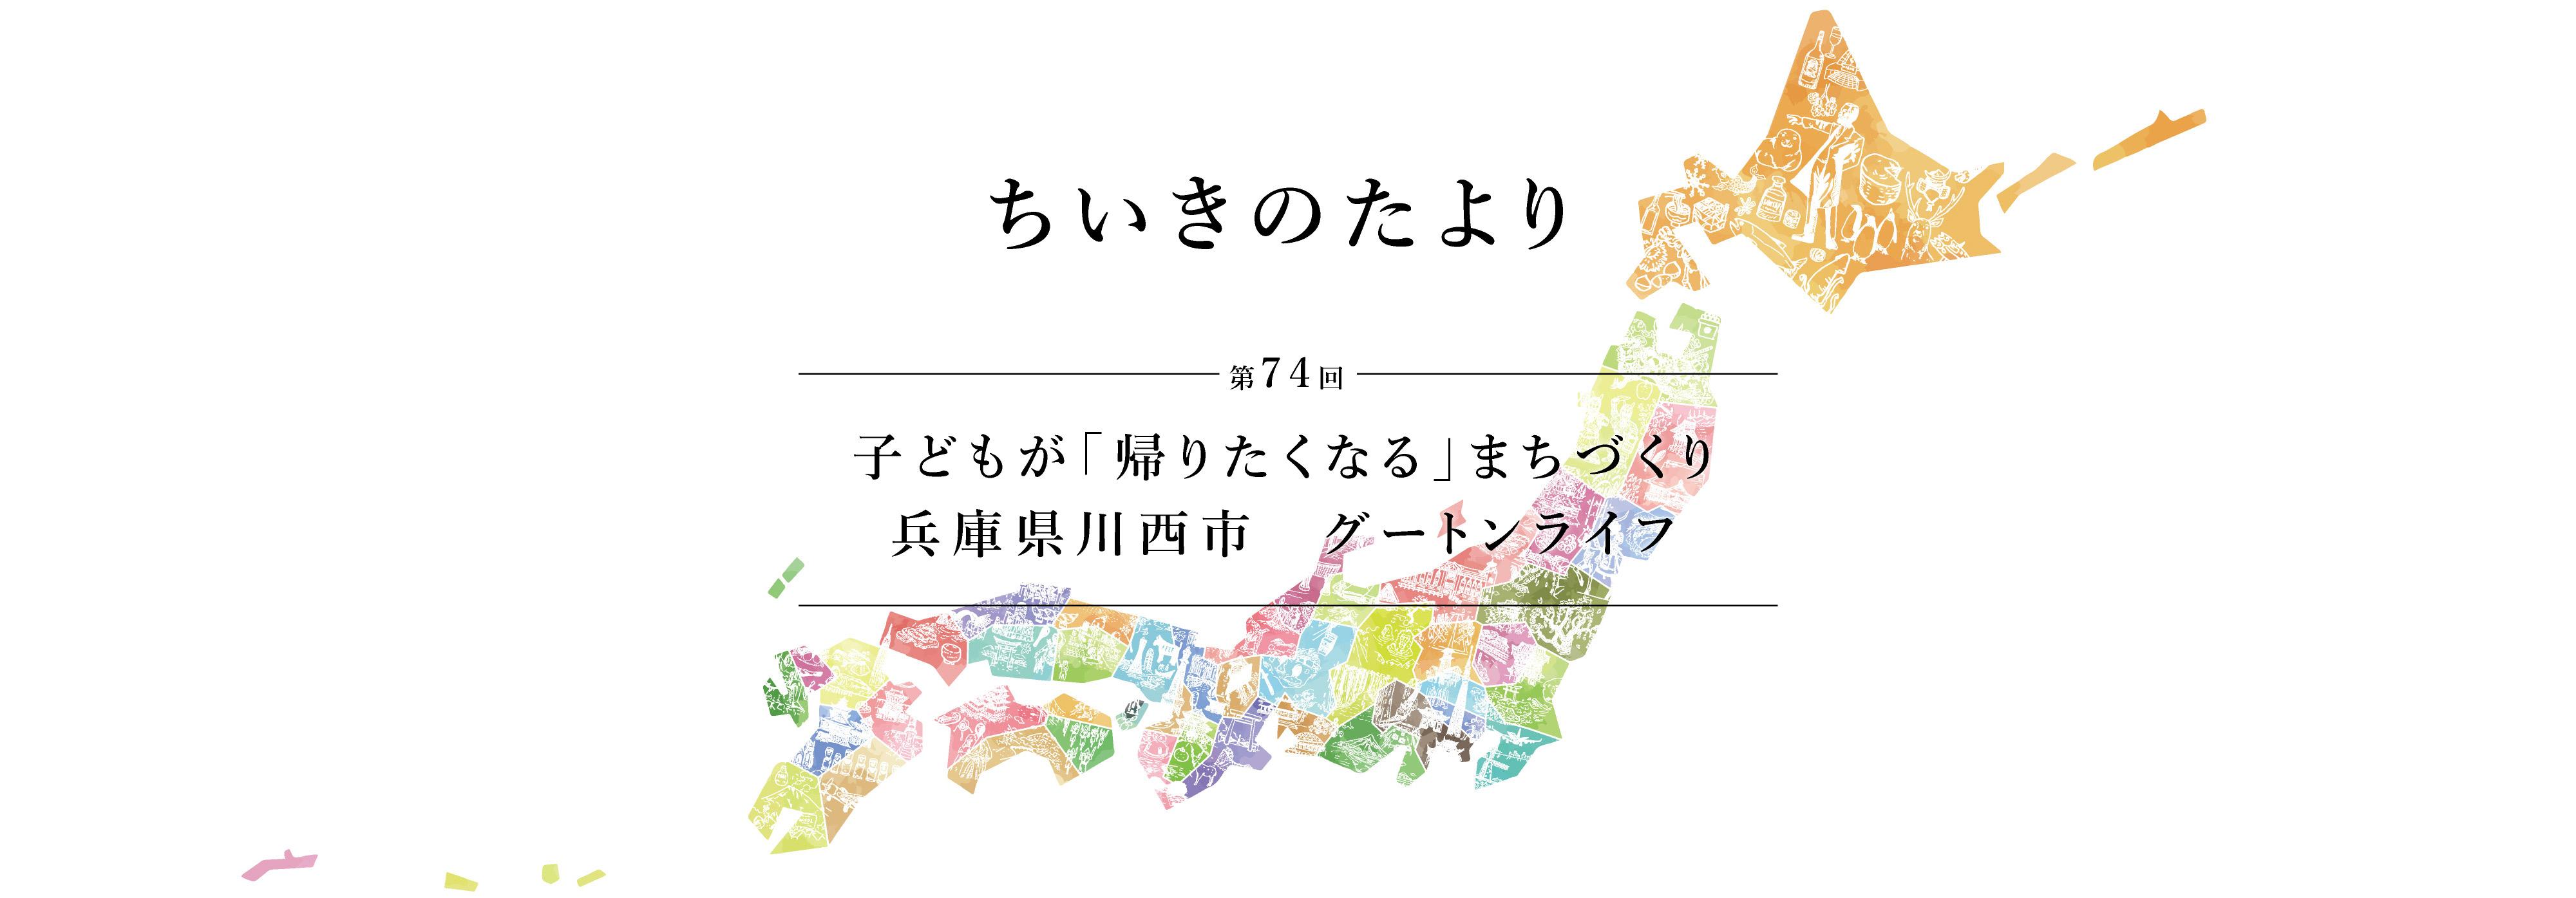 ちいきのたより第74回子どもが「帰りたくなる」まちづくり兵庫県川西市 グートンライフ